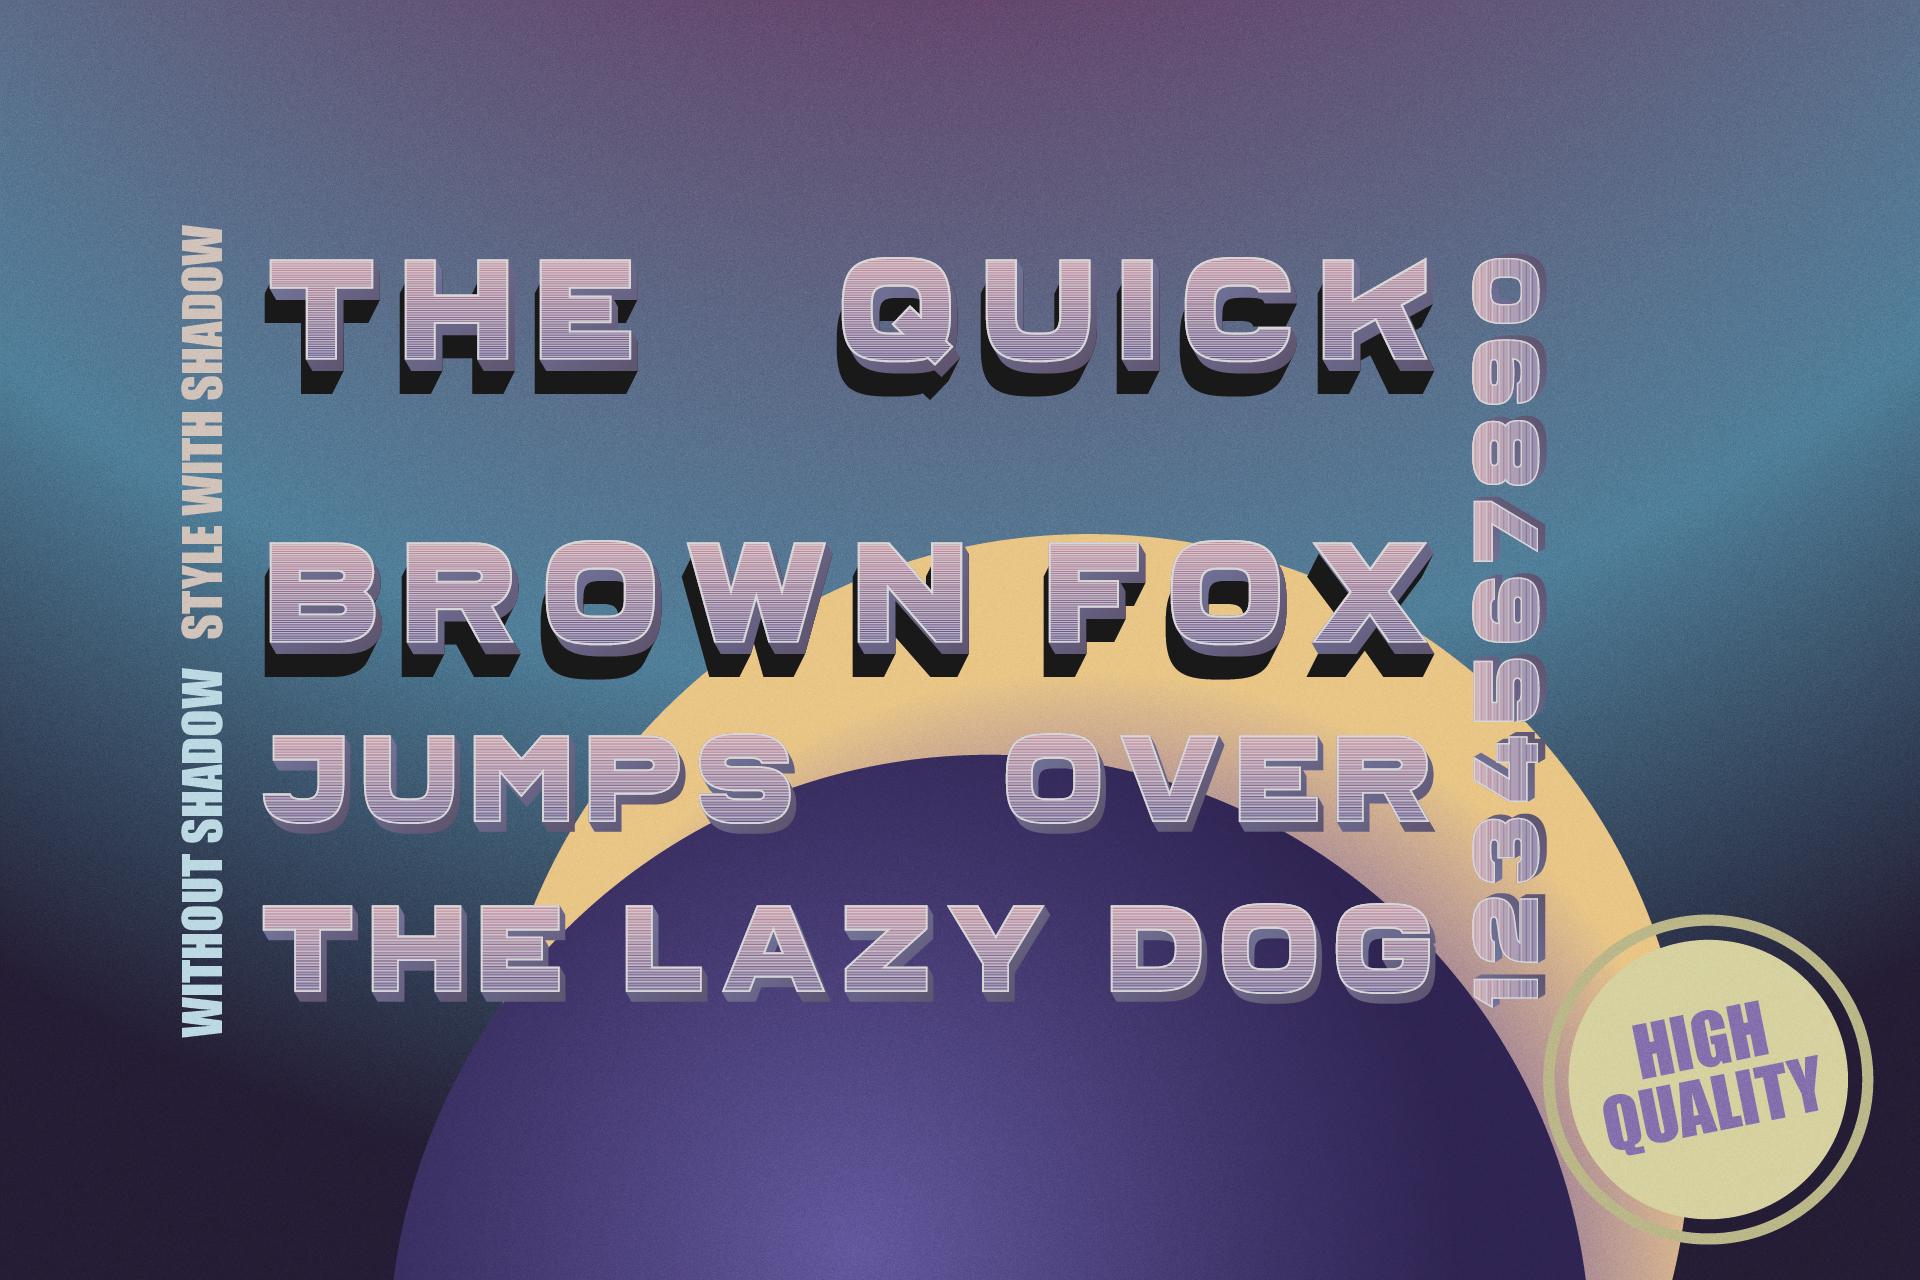 Fairbanks - sans serif color font example image 5